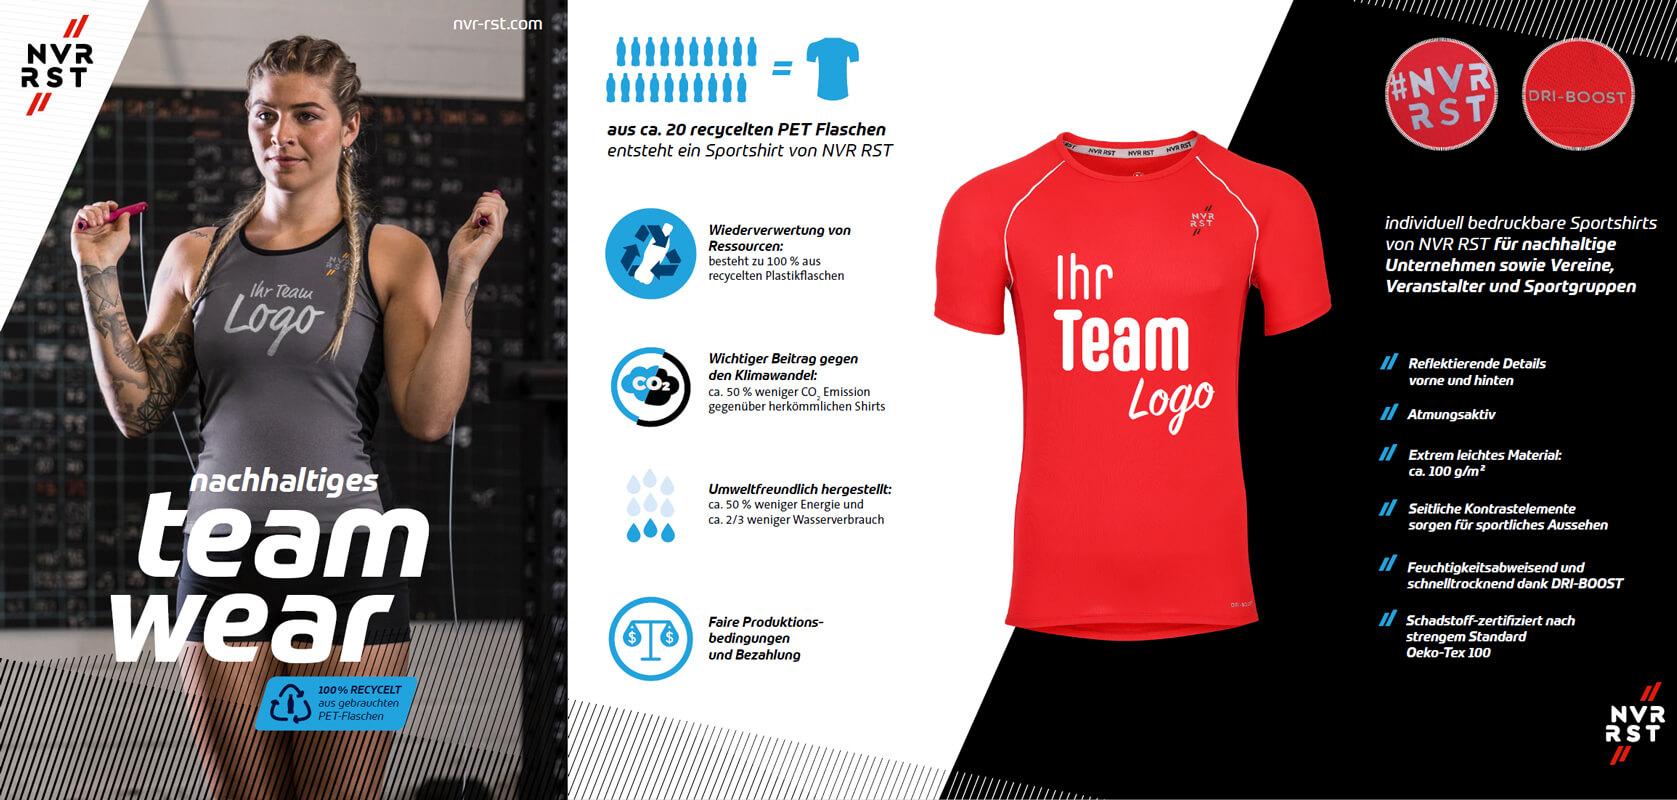 Nachhaltige Sportshirts für Firmen und Vereine